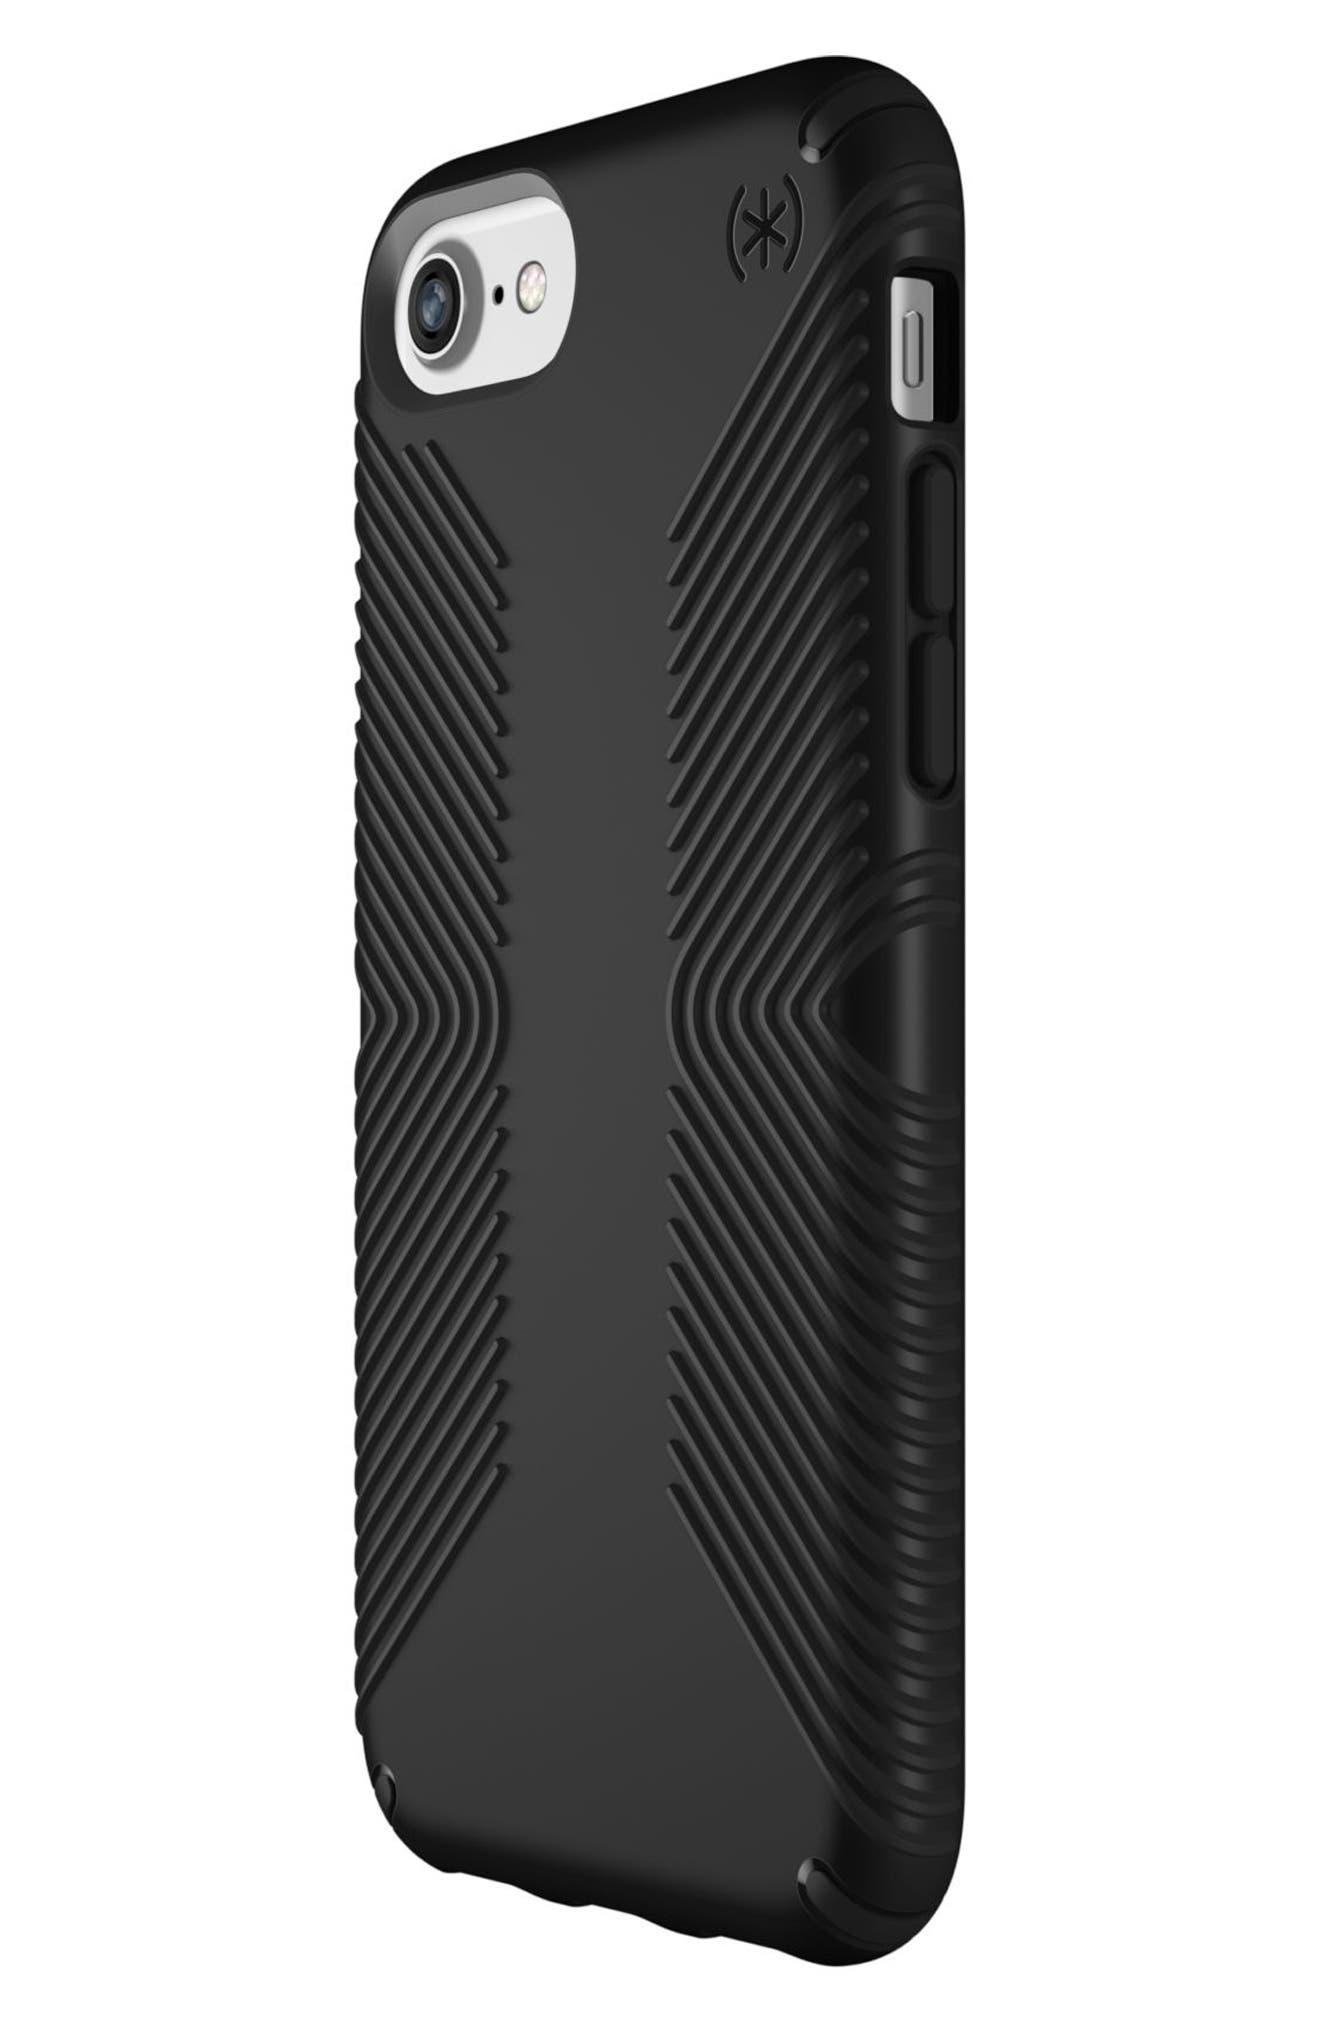 Grip iPhone 6/6s/7/8 Case,                             Alternate thumbnail 7, color,                             BLACK/ BLACK